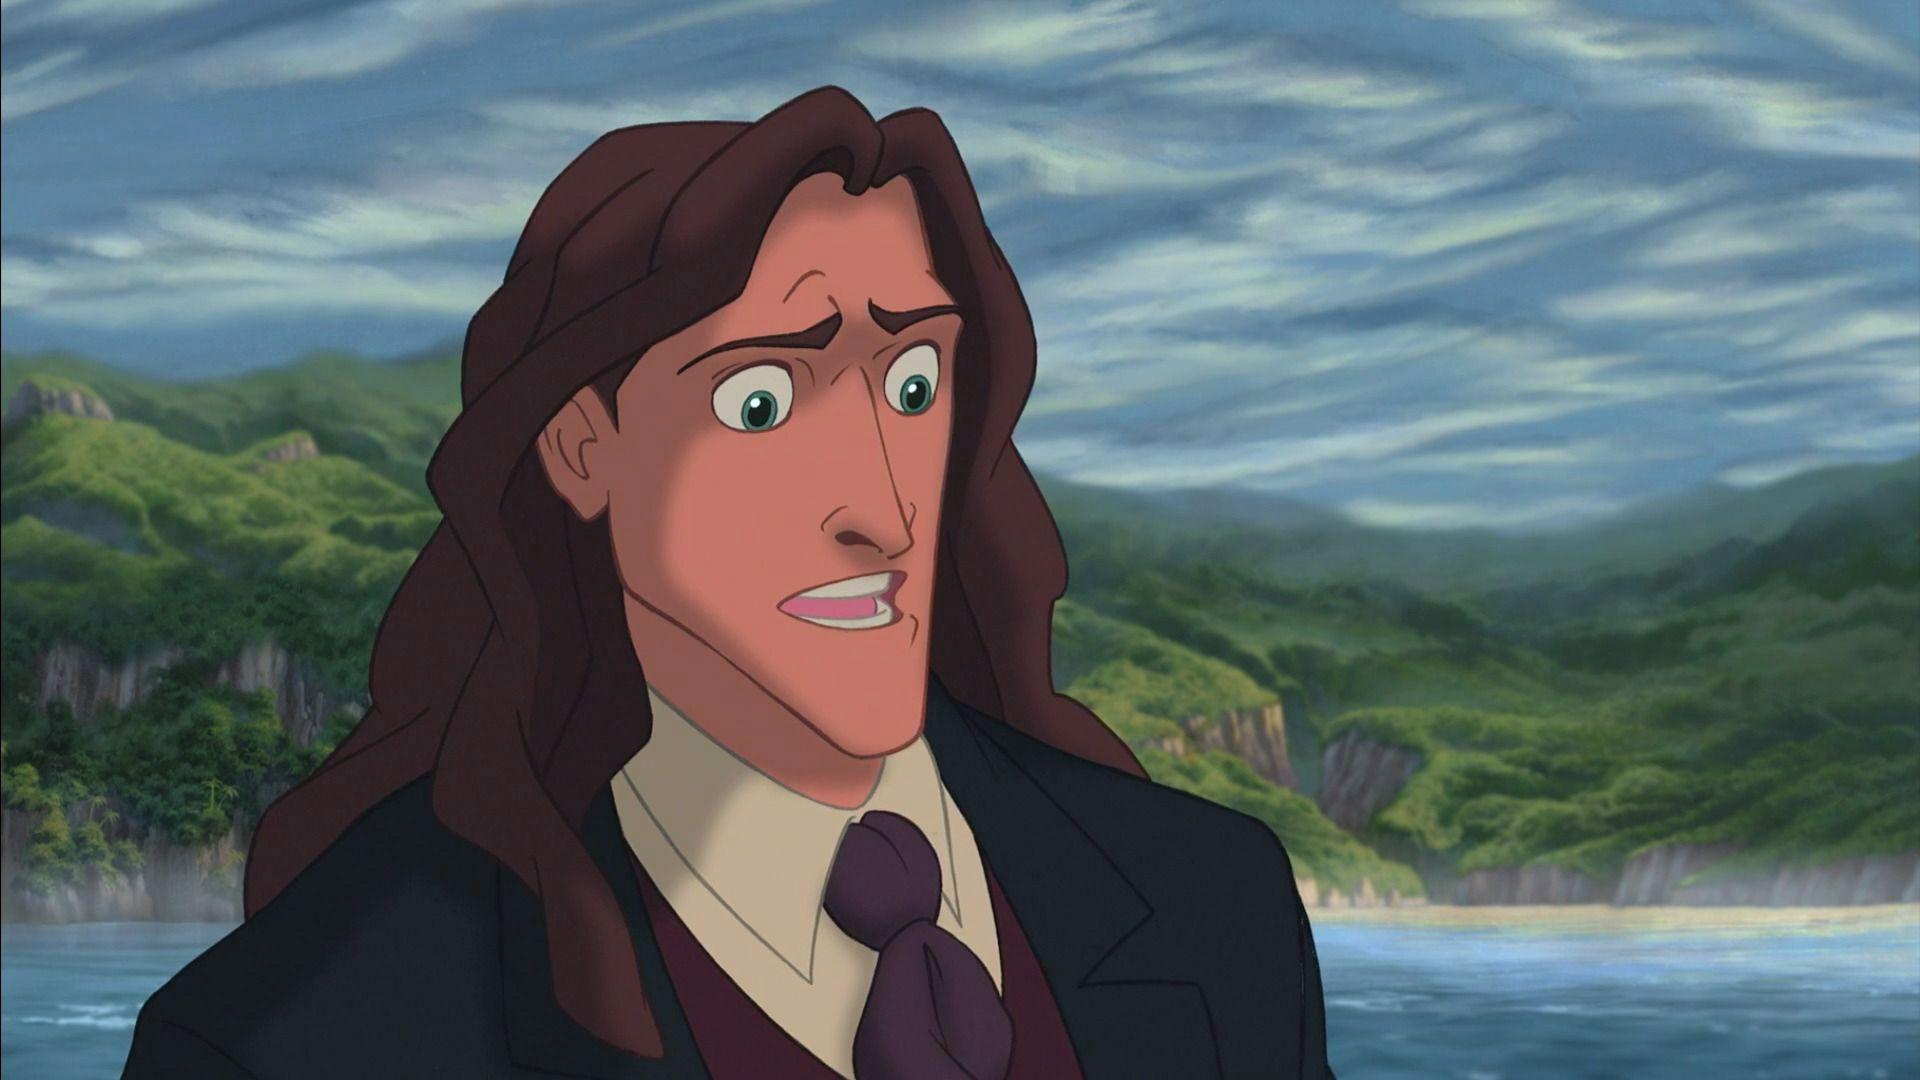 Tarzan 1999 Tarzan Alice In Wonderland Anime